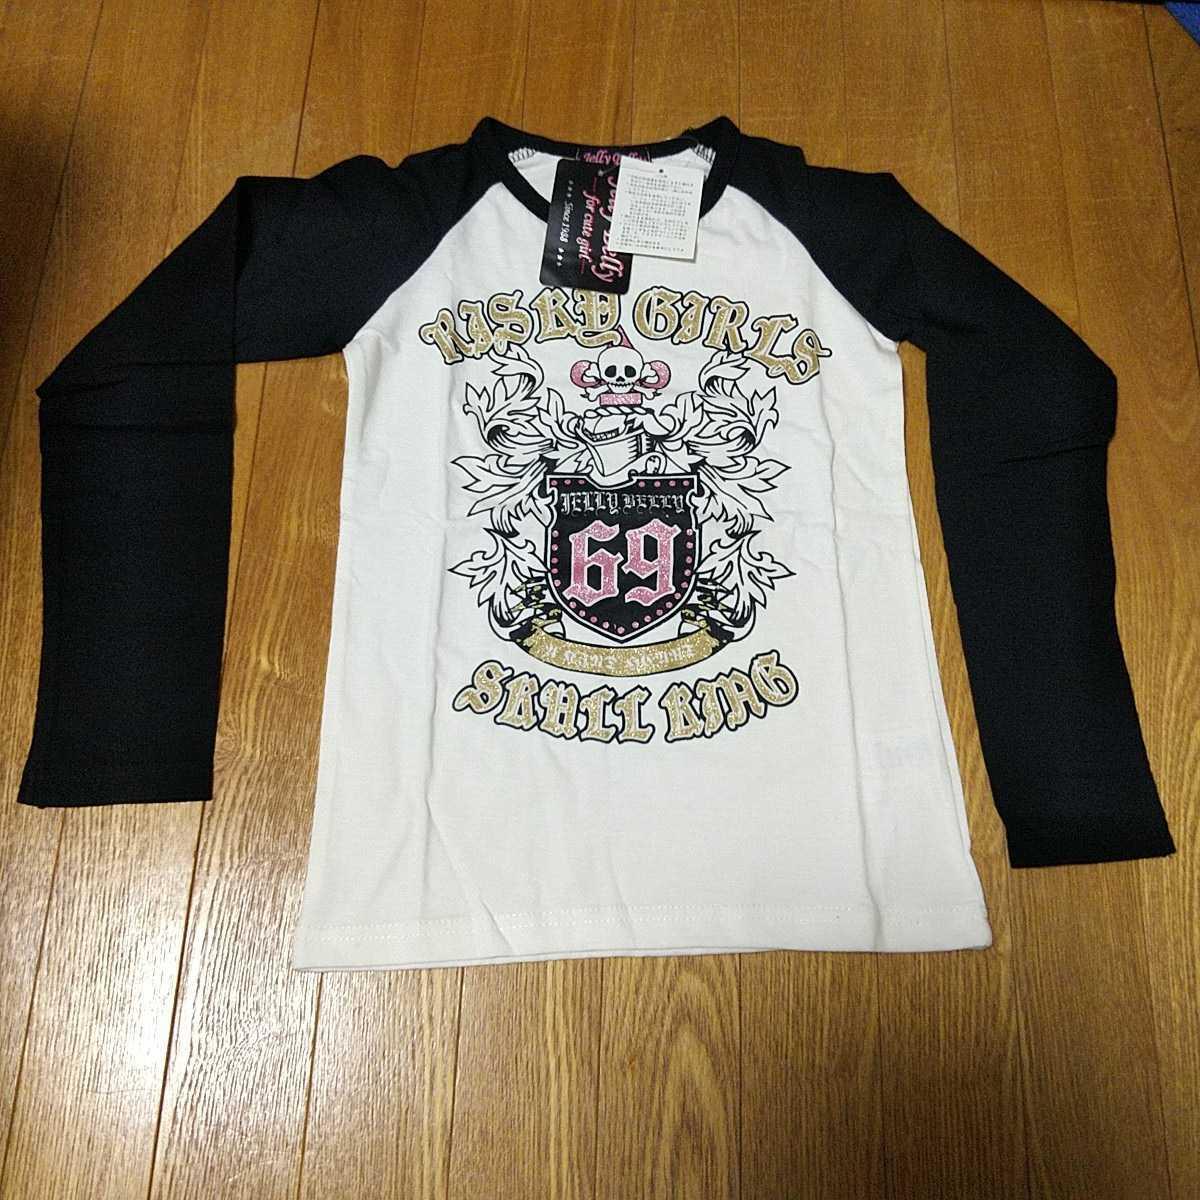 長袖Tシャツ カットソー 140サイズ 未使用 送料無料 認証制限なし クーポン利用 女児_画像1